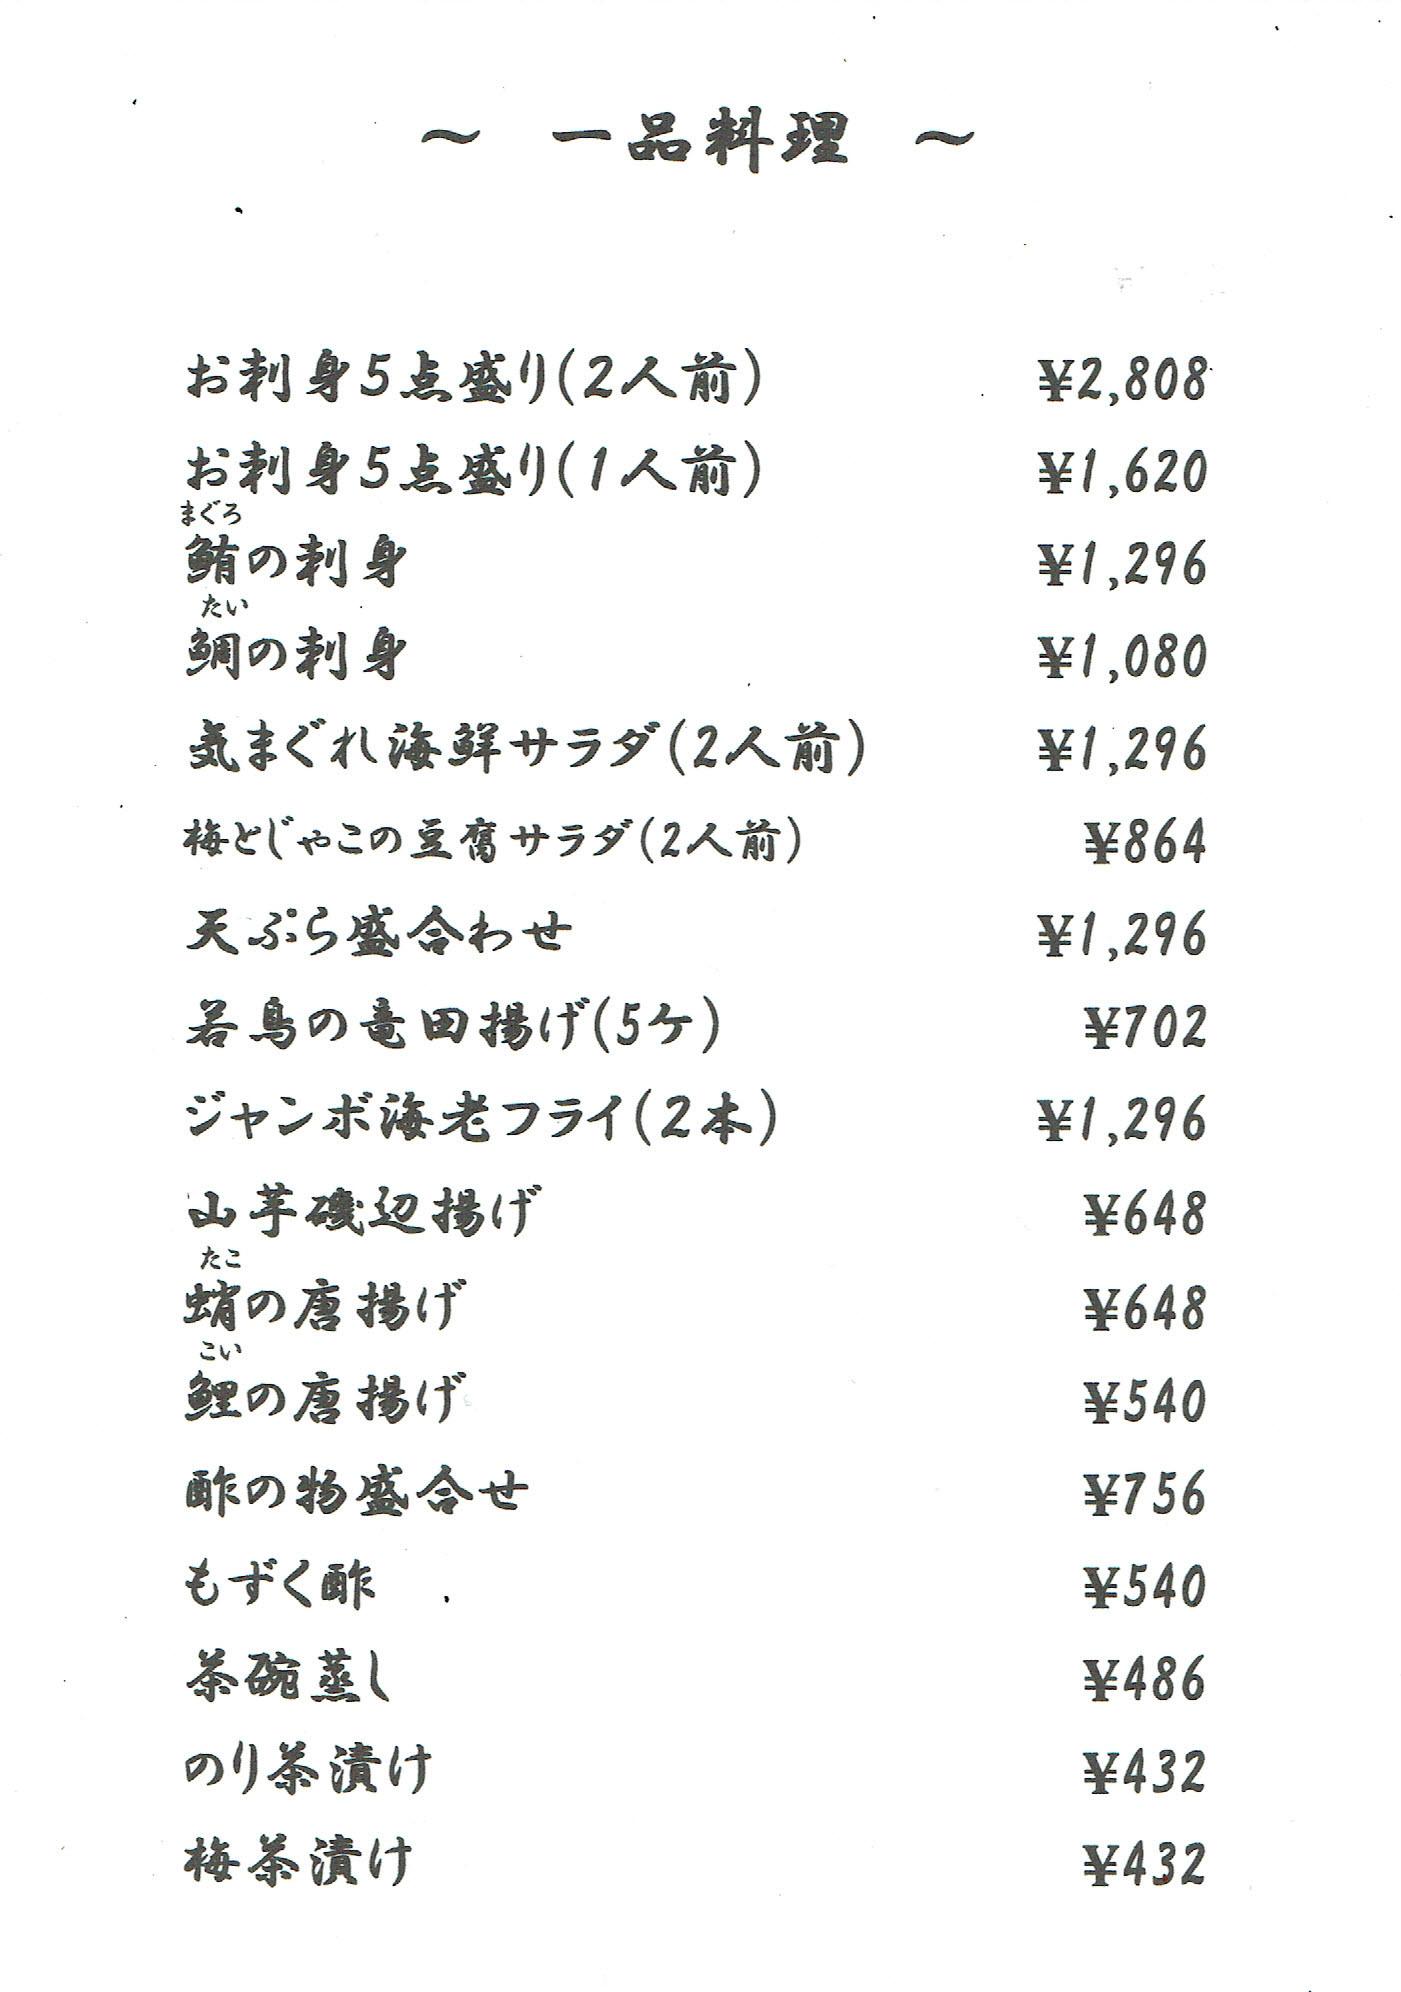 6月のお休みのお知らせ_a0217348_11045693.jpg